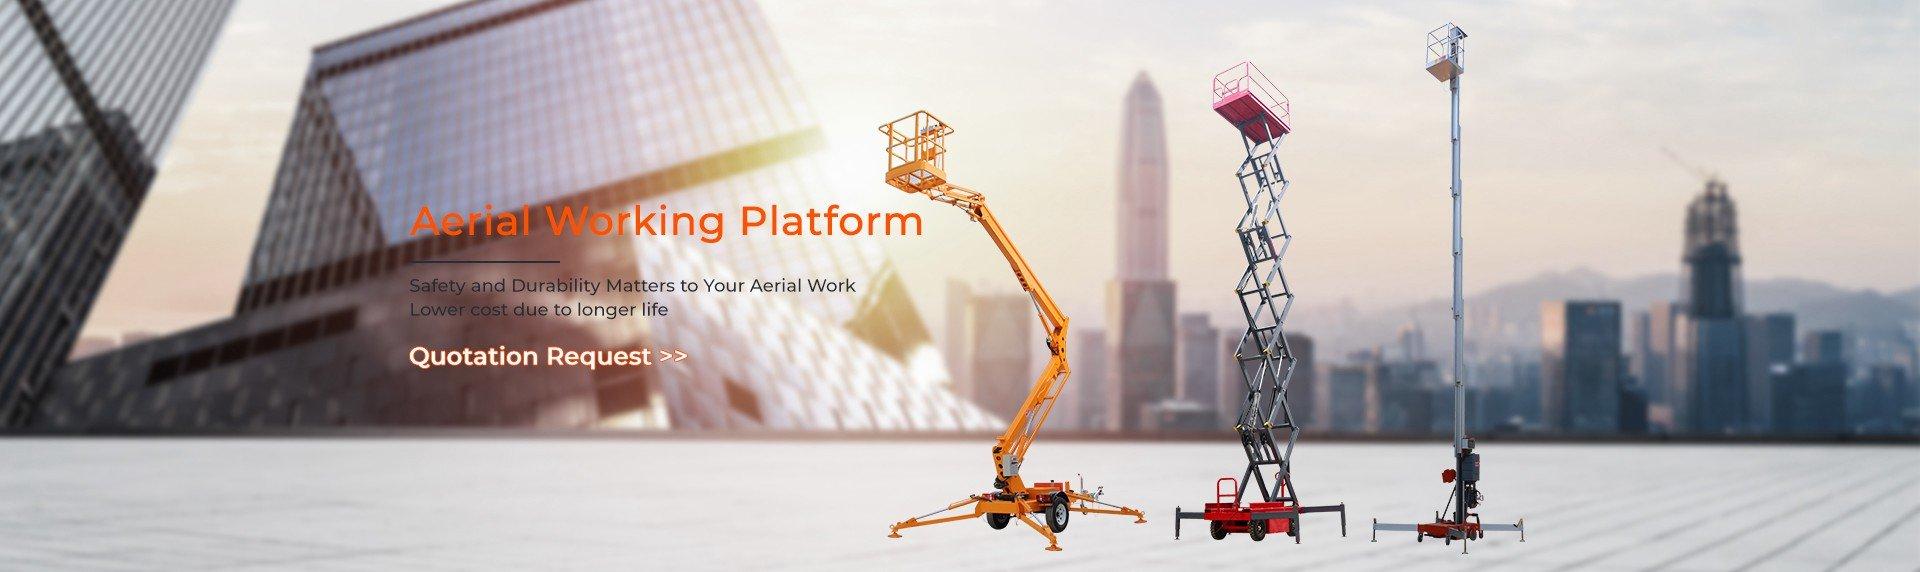 banner2 AerialWorkingPlatform